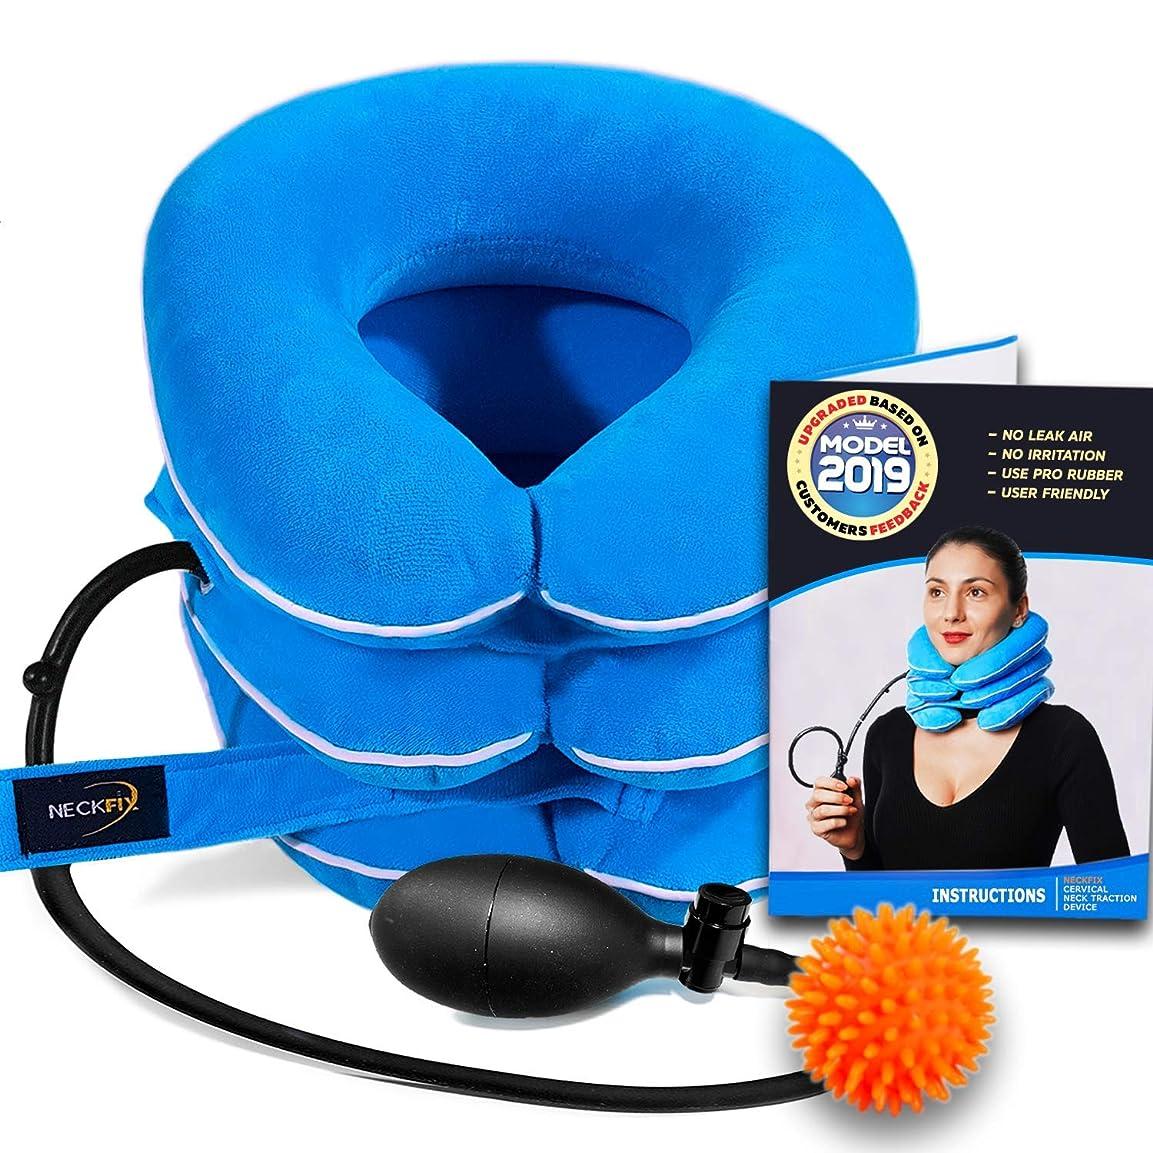 実証するコレクションリベラルCervical Neck Traction Device by NeckFix for Instant Neck Pain Relief [FDA Approved] - Adjustable Neck Stretcher Collar for Home Traction Spine Alignment [Model 2019] + Bonus (12-17 inch) 141[並行輸入]